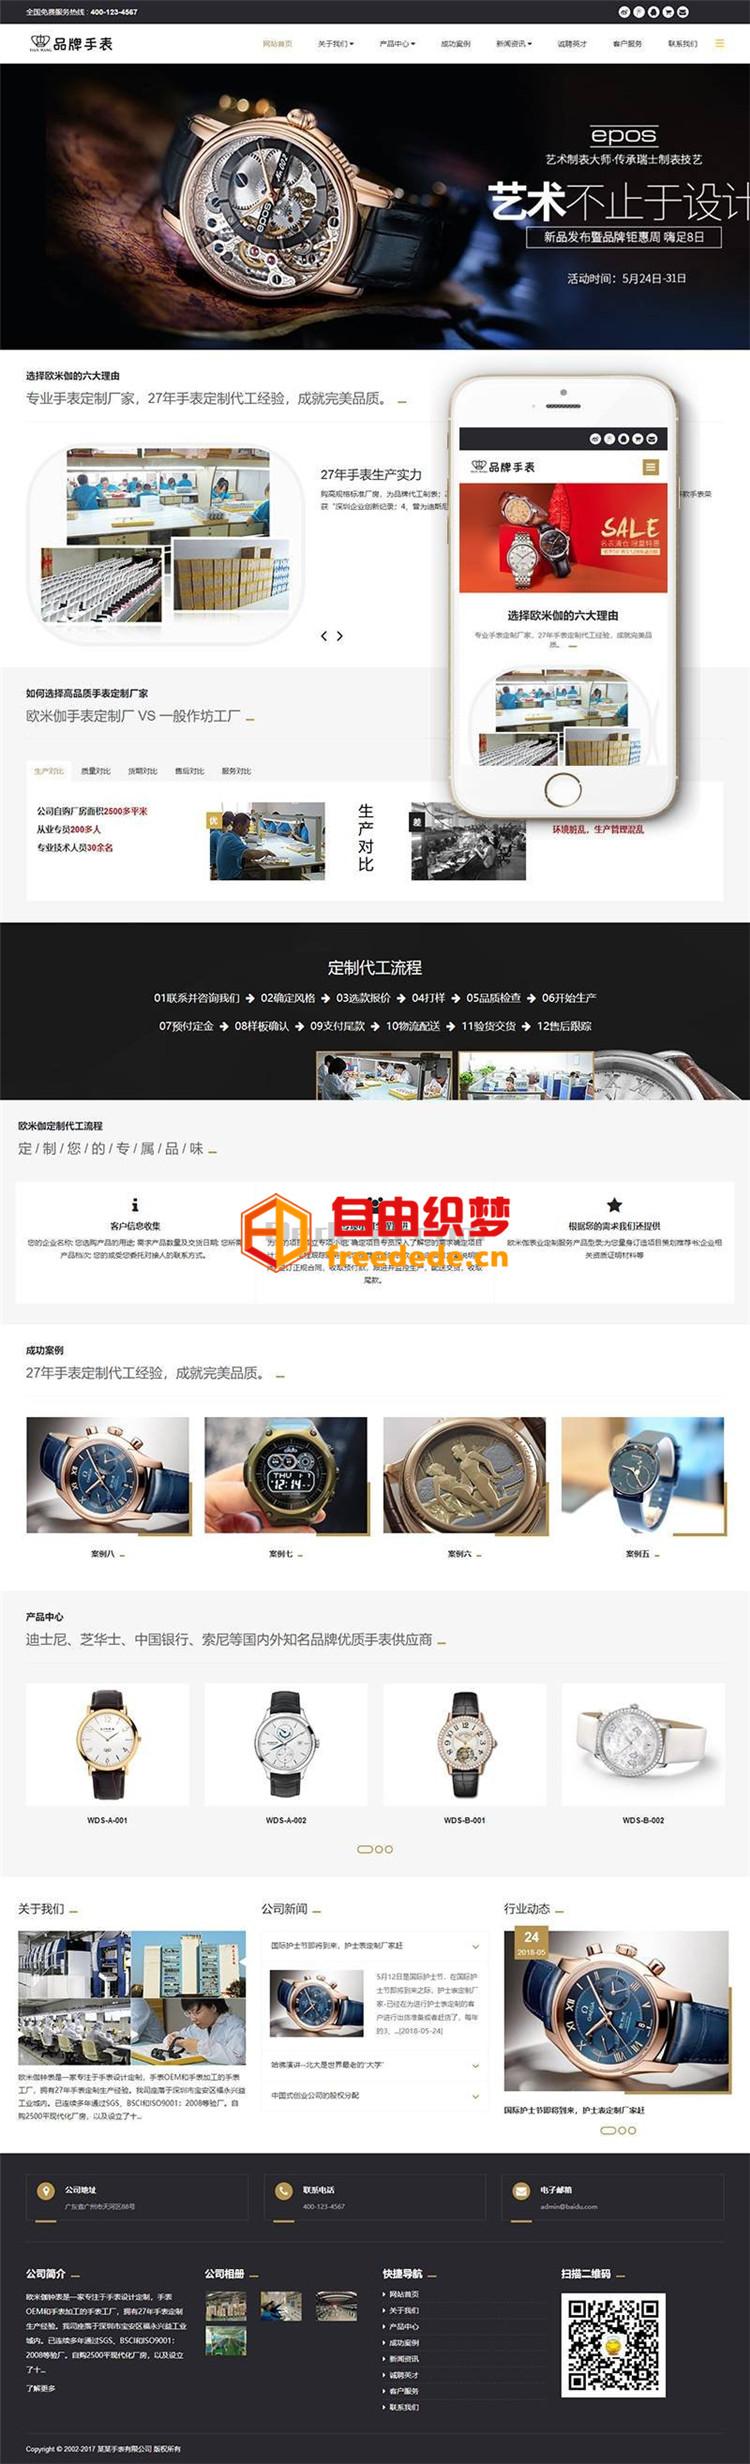 爱上源码网文章响应式品牌钟表手表类织梦模板(自适应手机端)营销型网站模板的内容插图